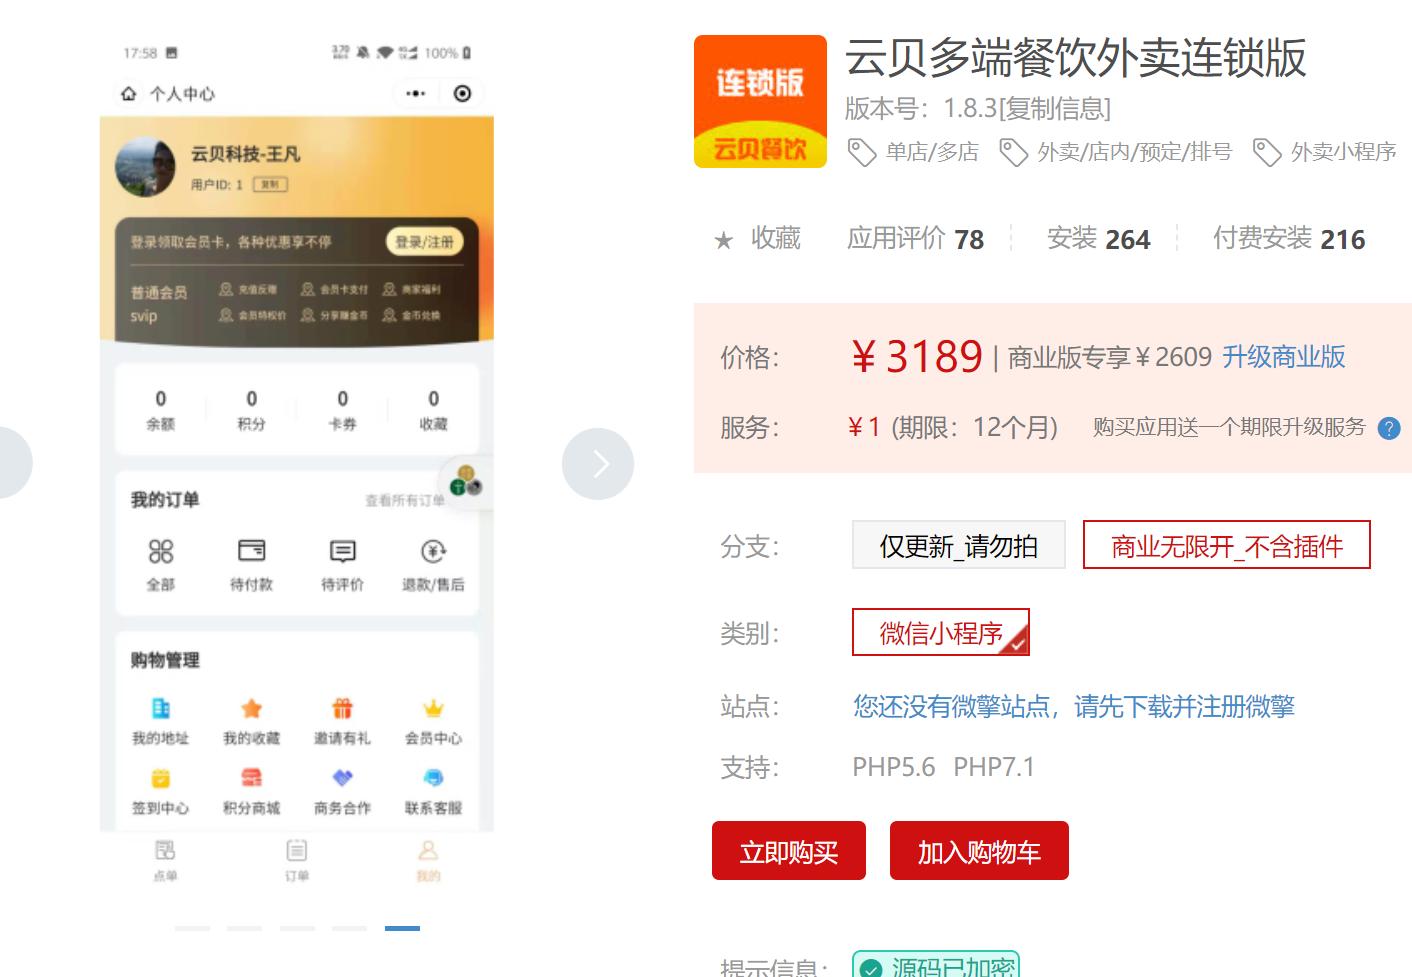 云贝餐饮连锁版V1.9.3全插件+新前端+商用去授权